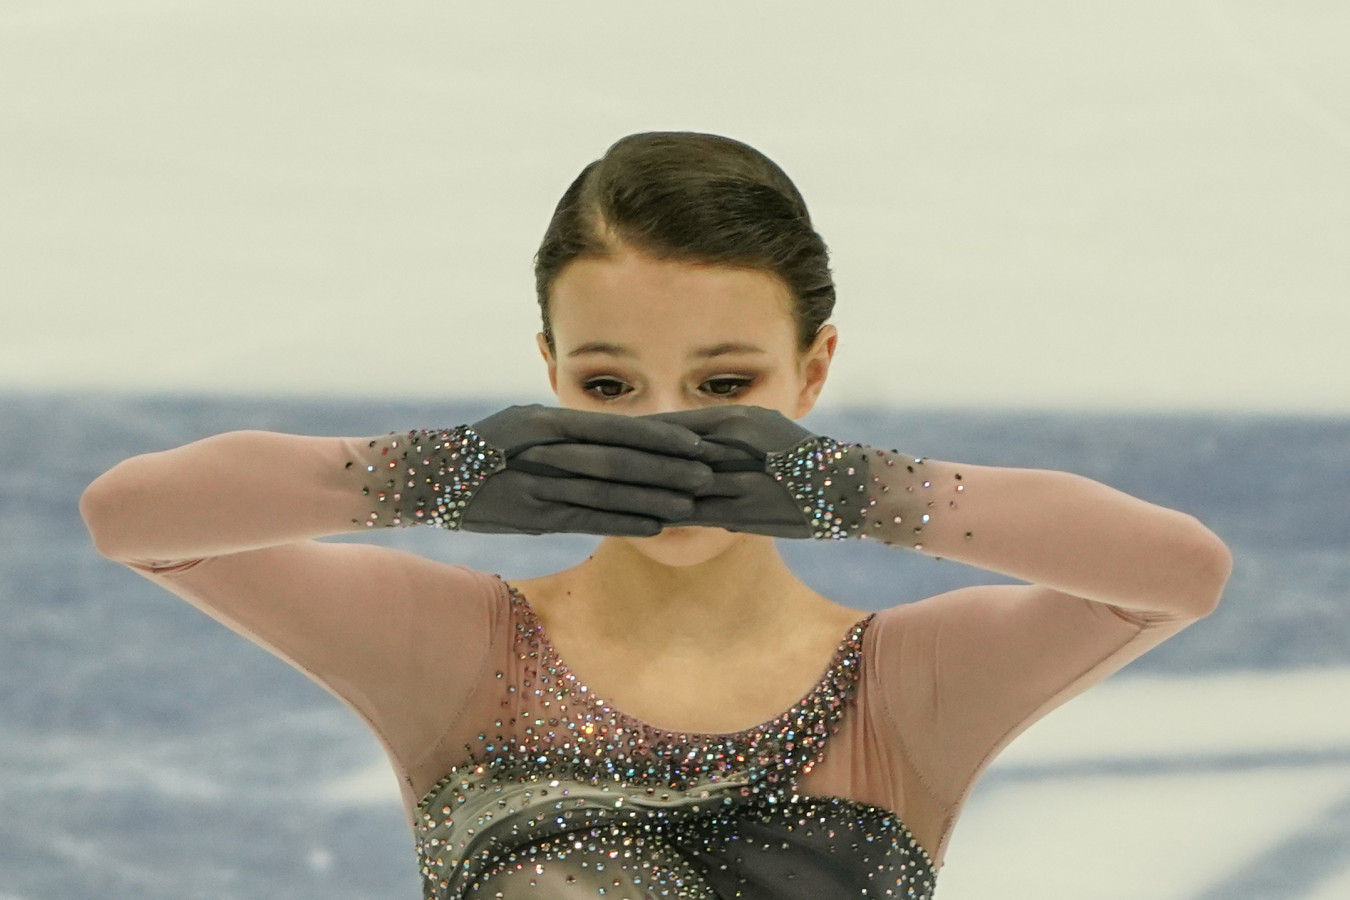 Анну Щербакову после проката по ошибке назвали фигуристкой из России